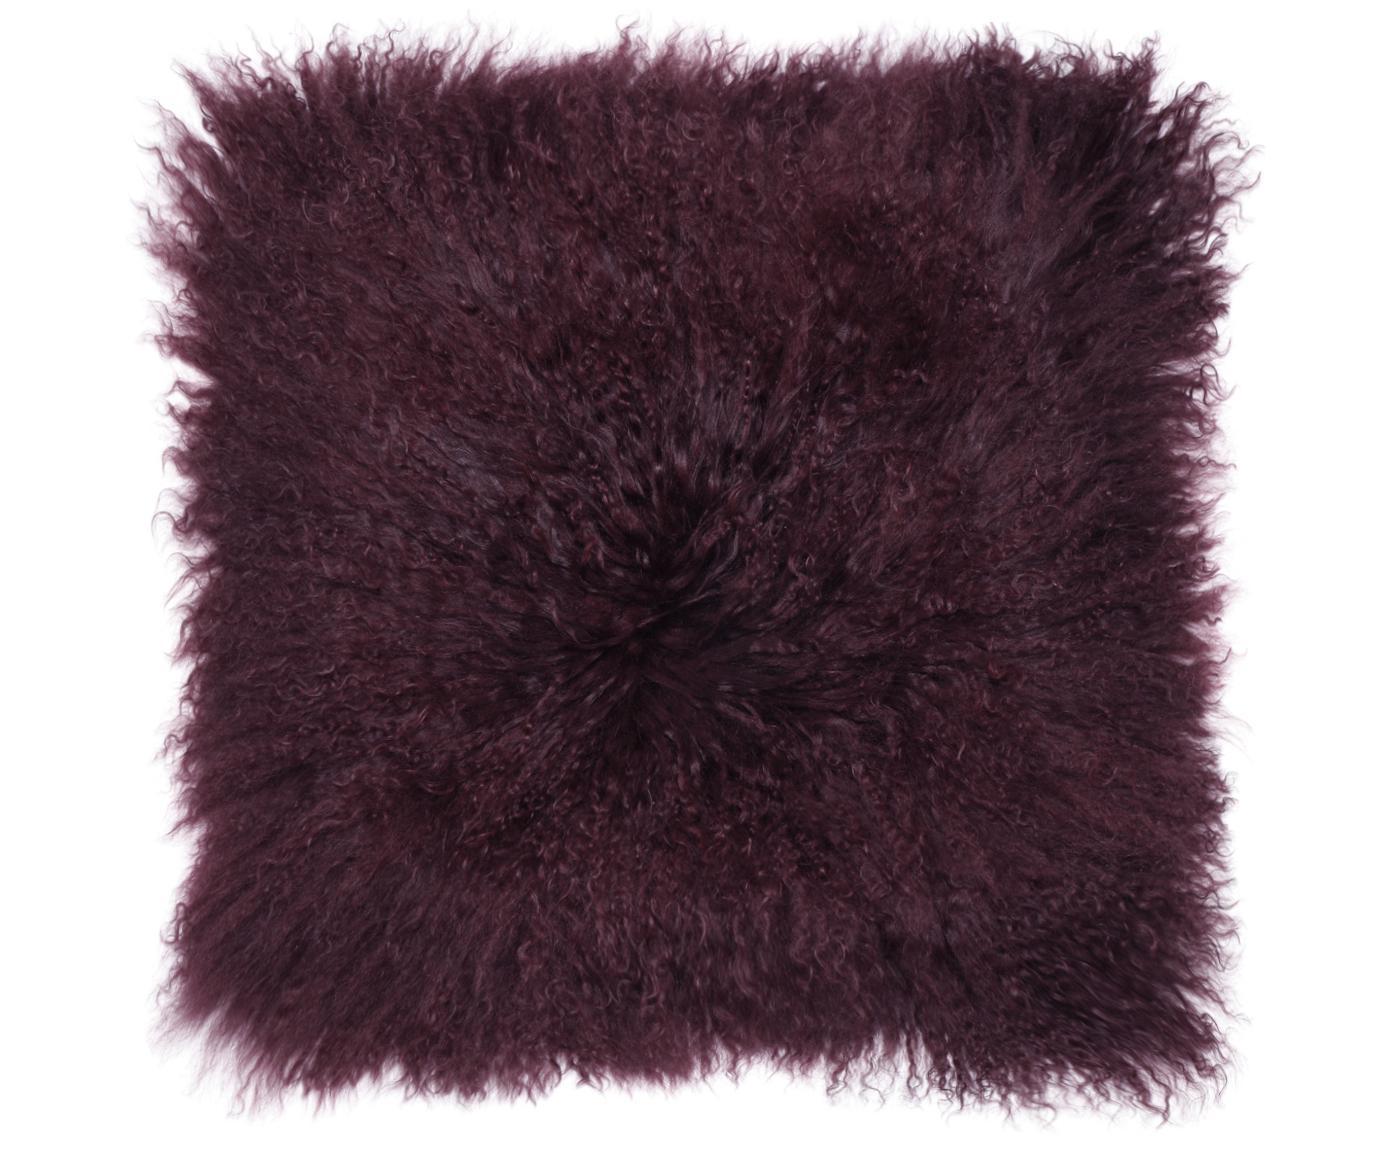 Zitkussen van langharige schapenvacht Ella, Bovenzijde: 100% Mongoolse schapenvac, Onderzijde: 100% polyester, Donkerrood, 40 x 40 cm